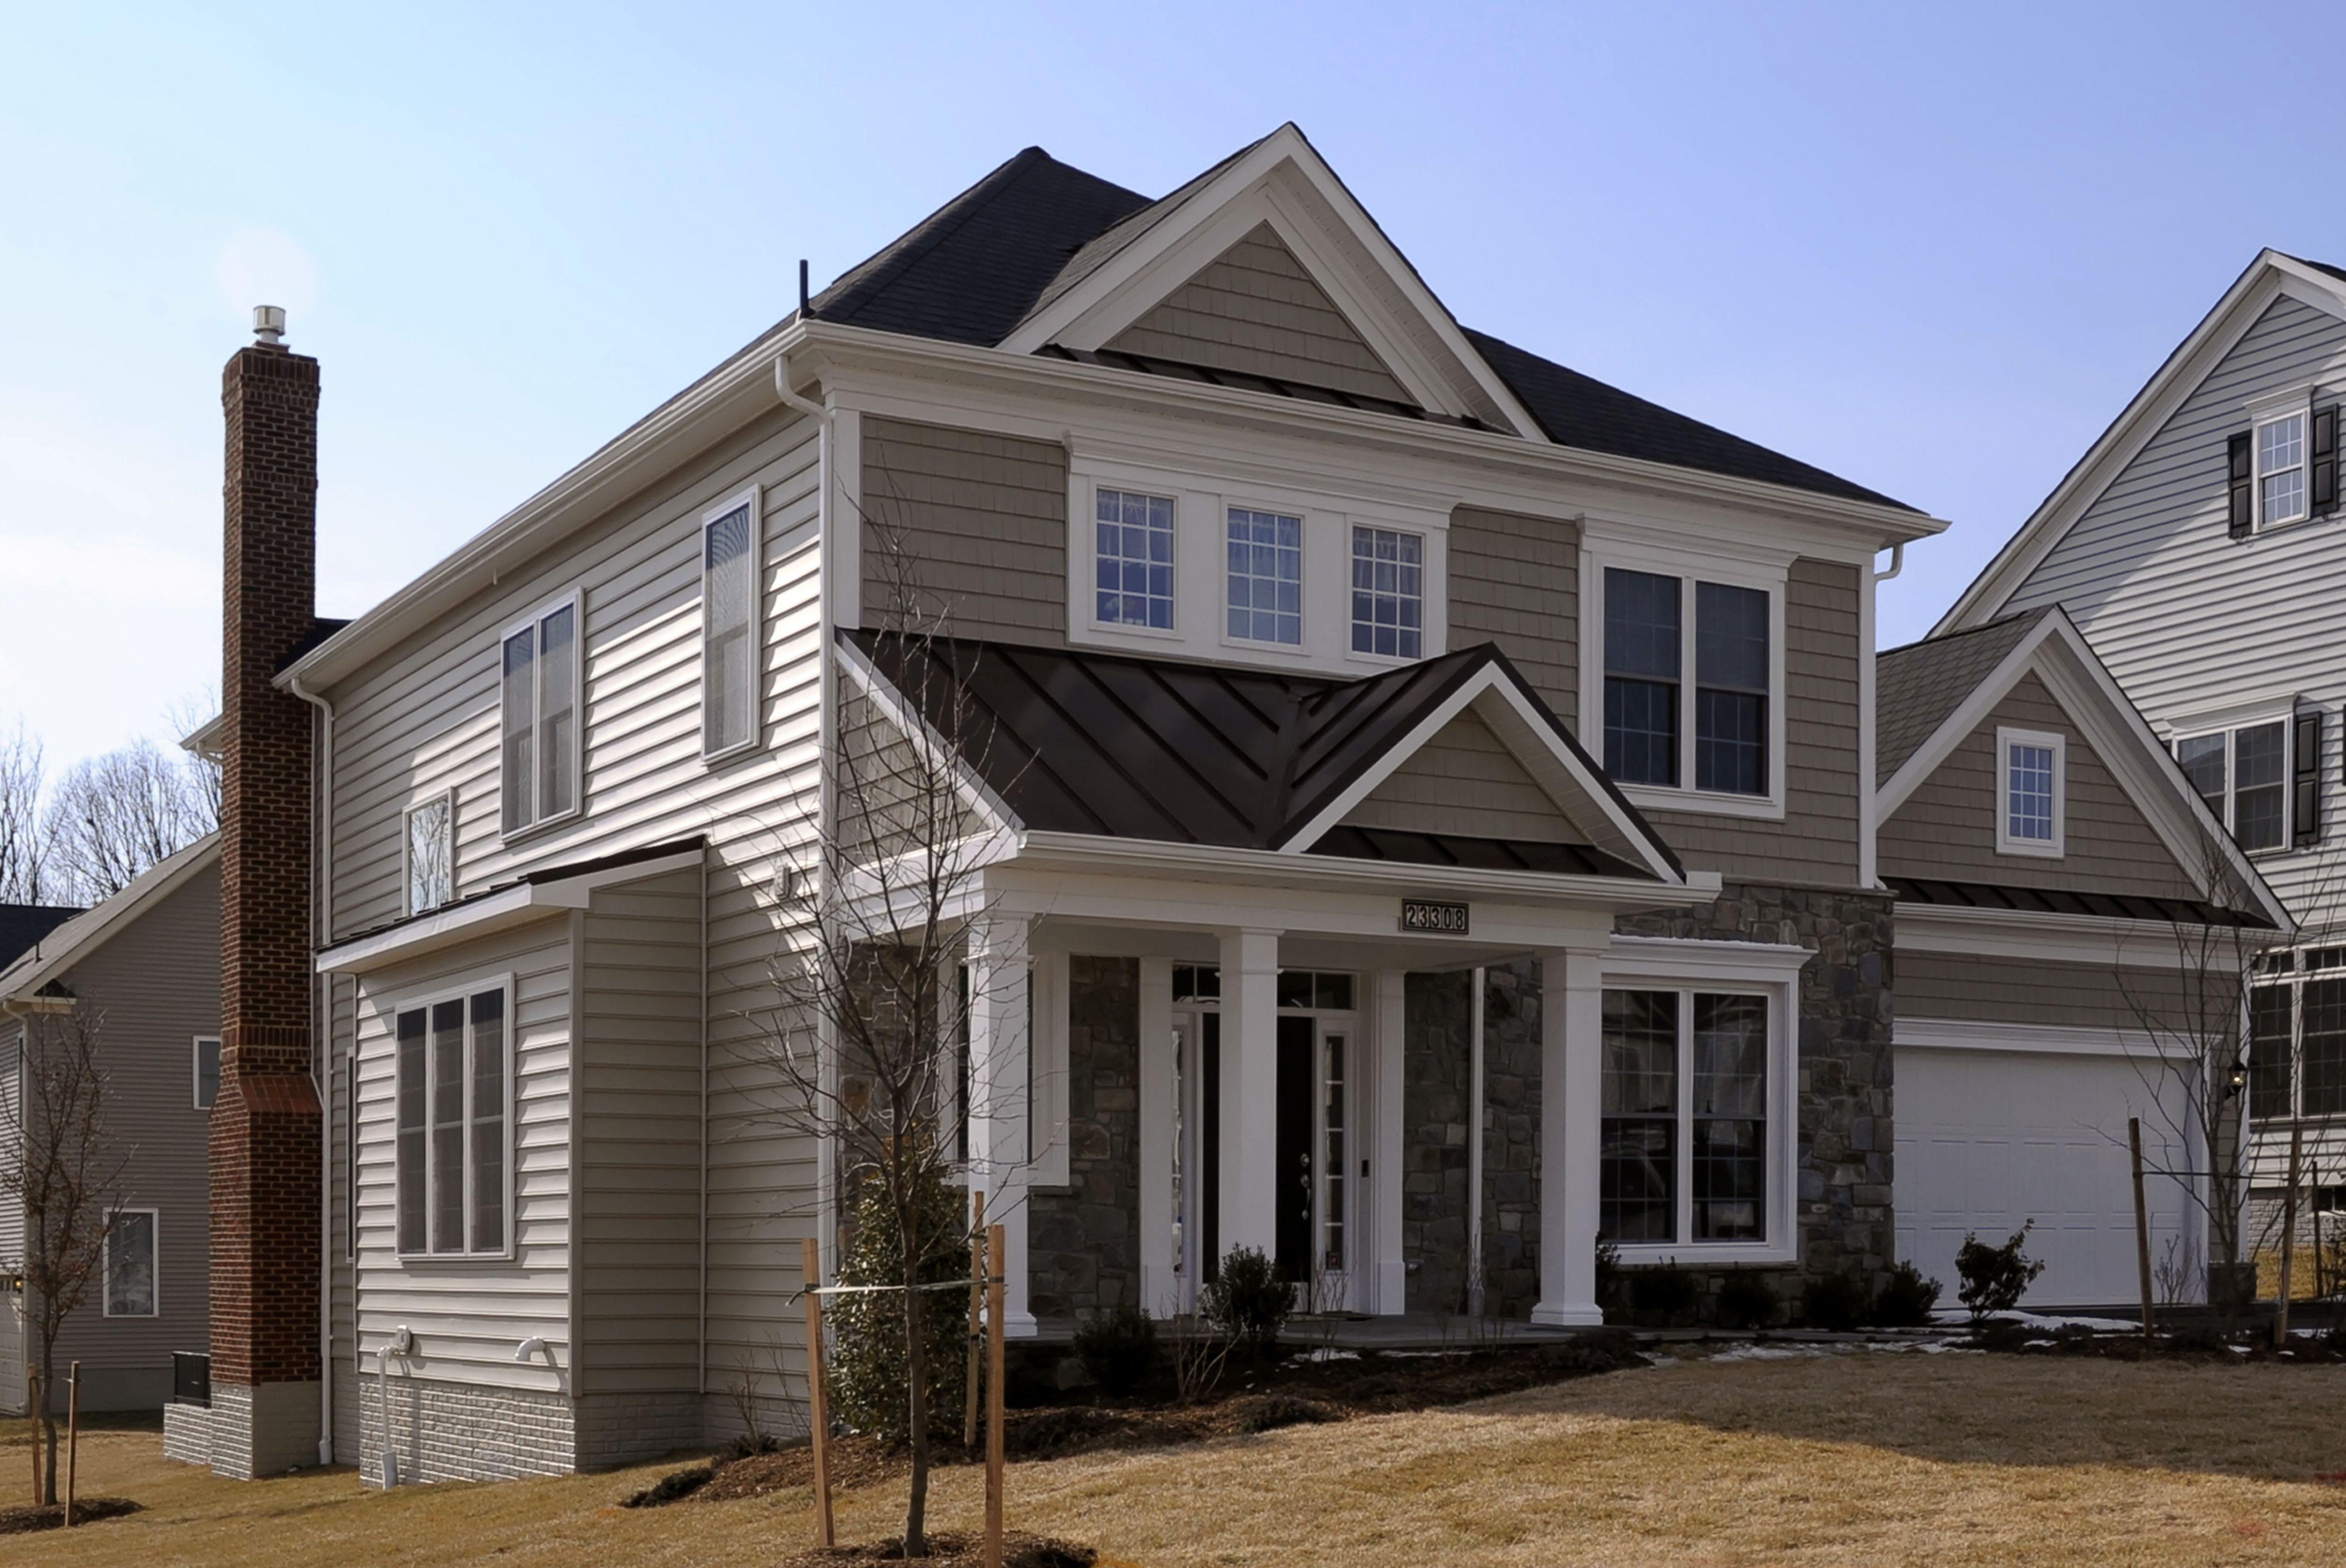 Universal Design Zero Step Entry Home At Clarksburg Village Home